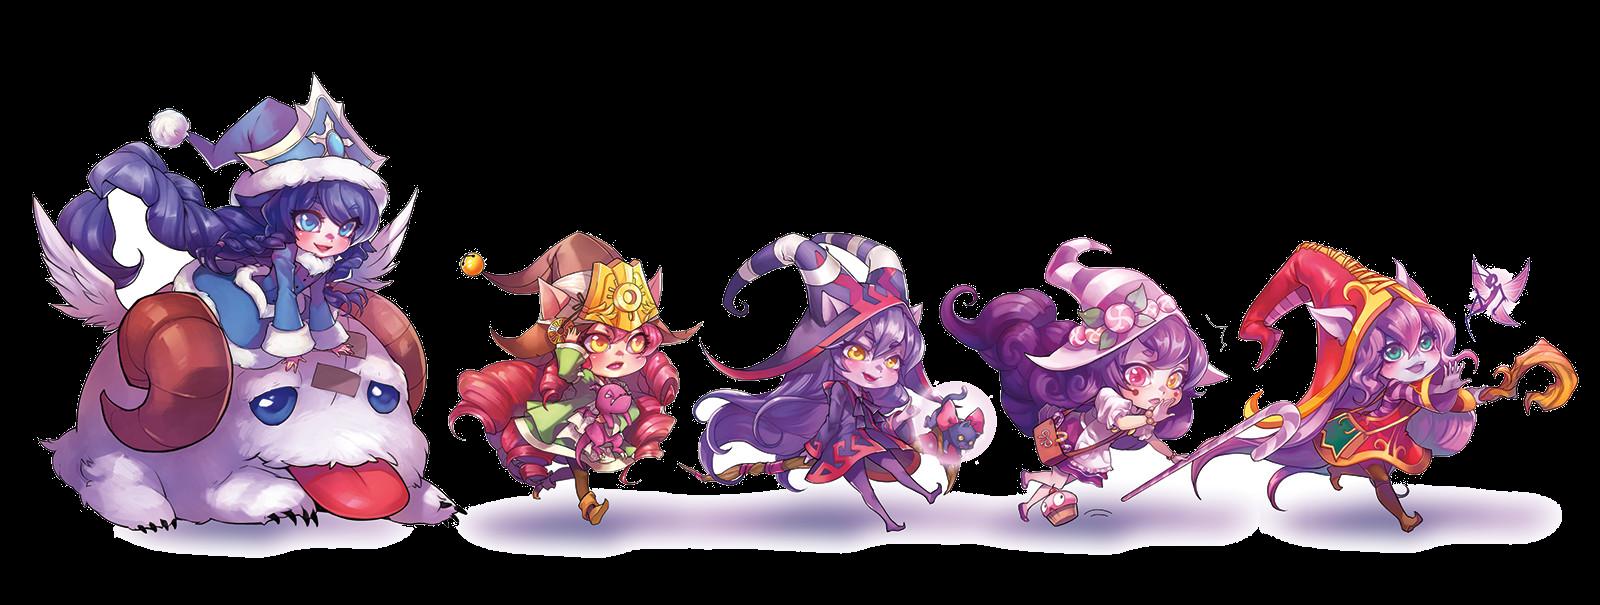 League of Legends Lulu Fan Art PNG Image